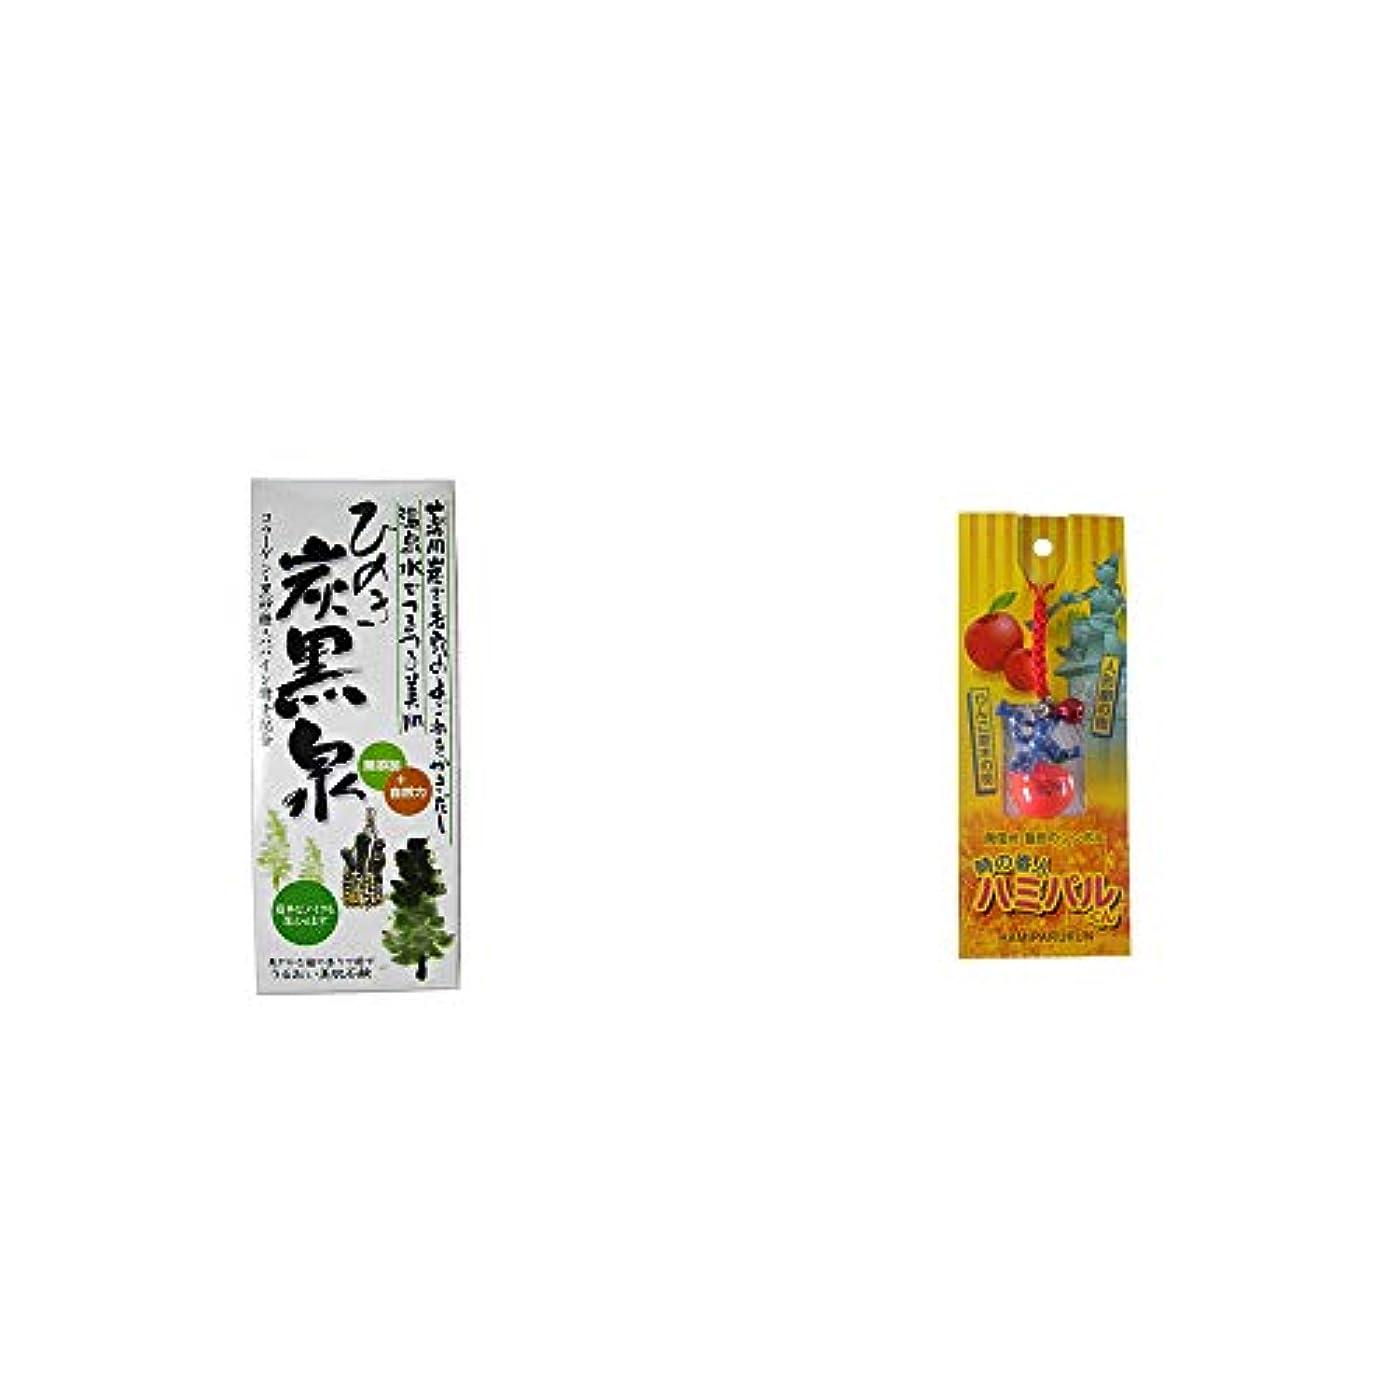 起こる未知の単なる[2点セット] ひのき炭黒泉 箱入り(75g×3)?信州?飯田のシンボル 時の番人ハミパルくんストラップ